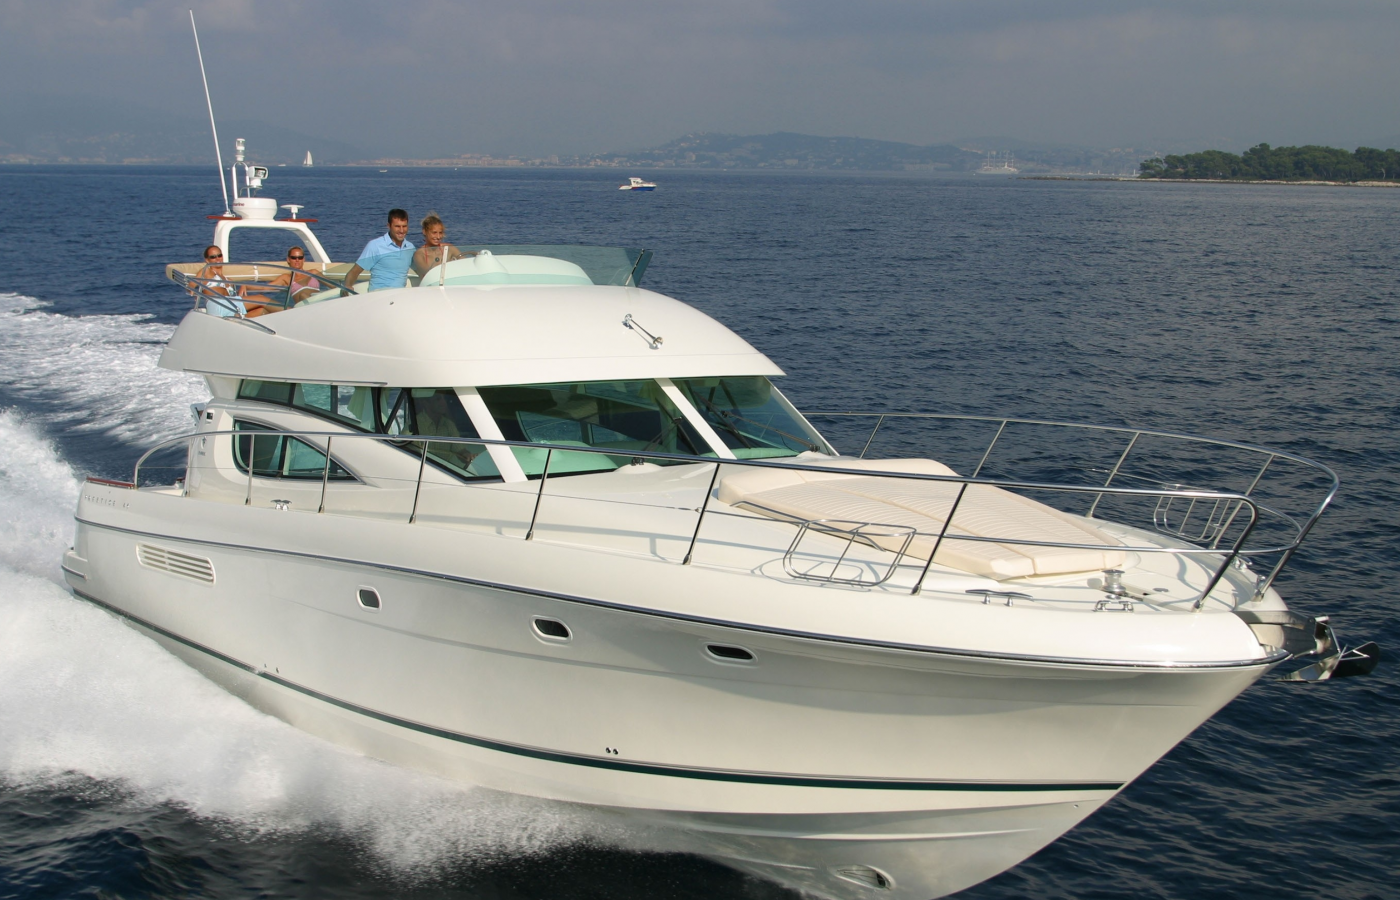 Prestige 46 motor yacht for charter